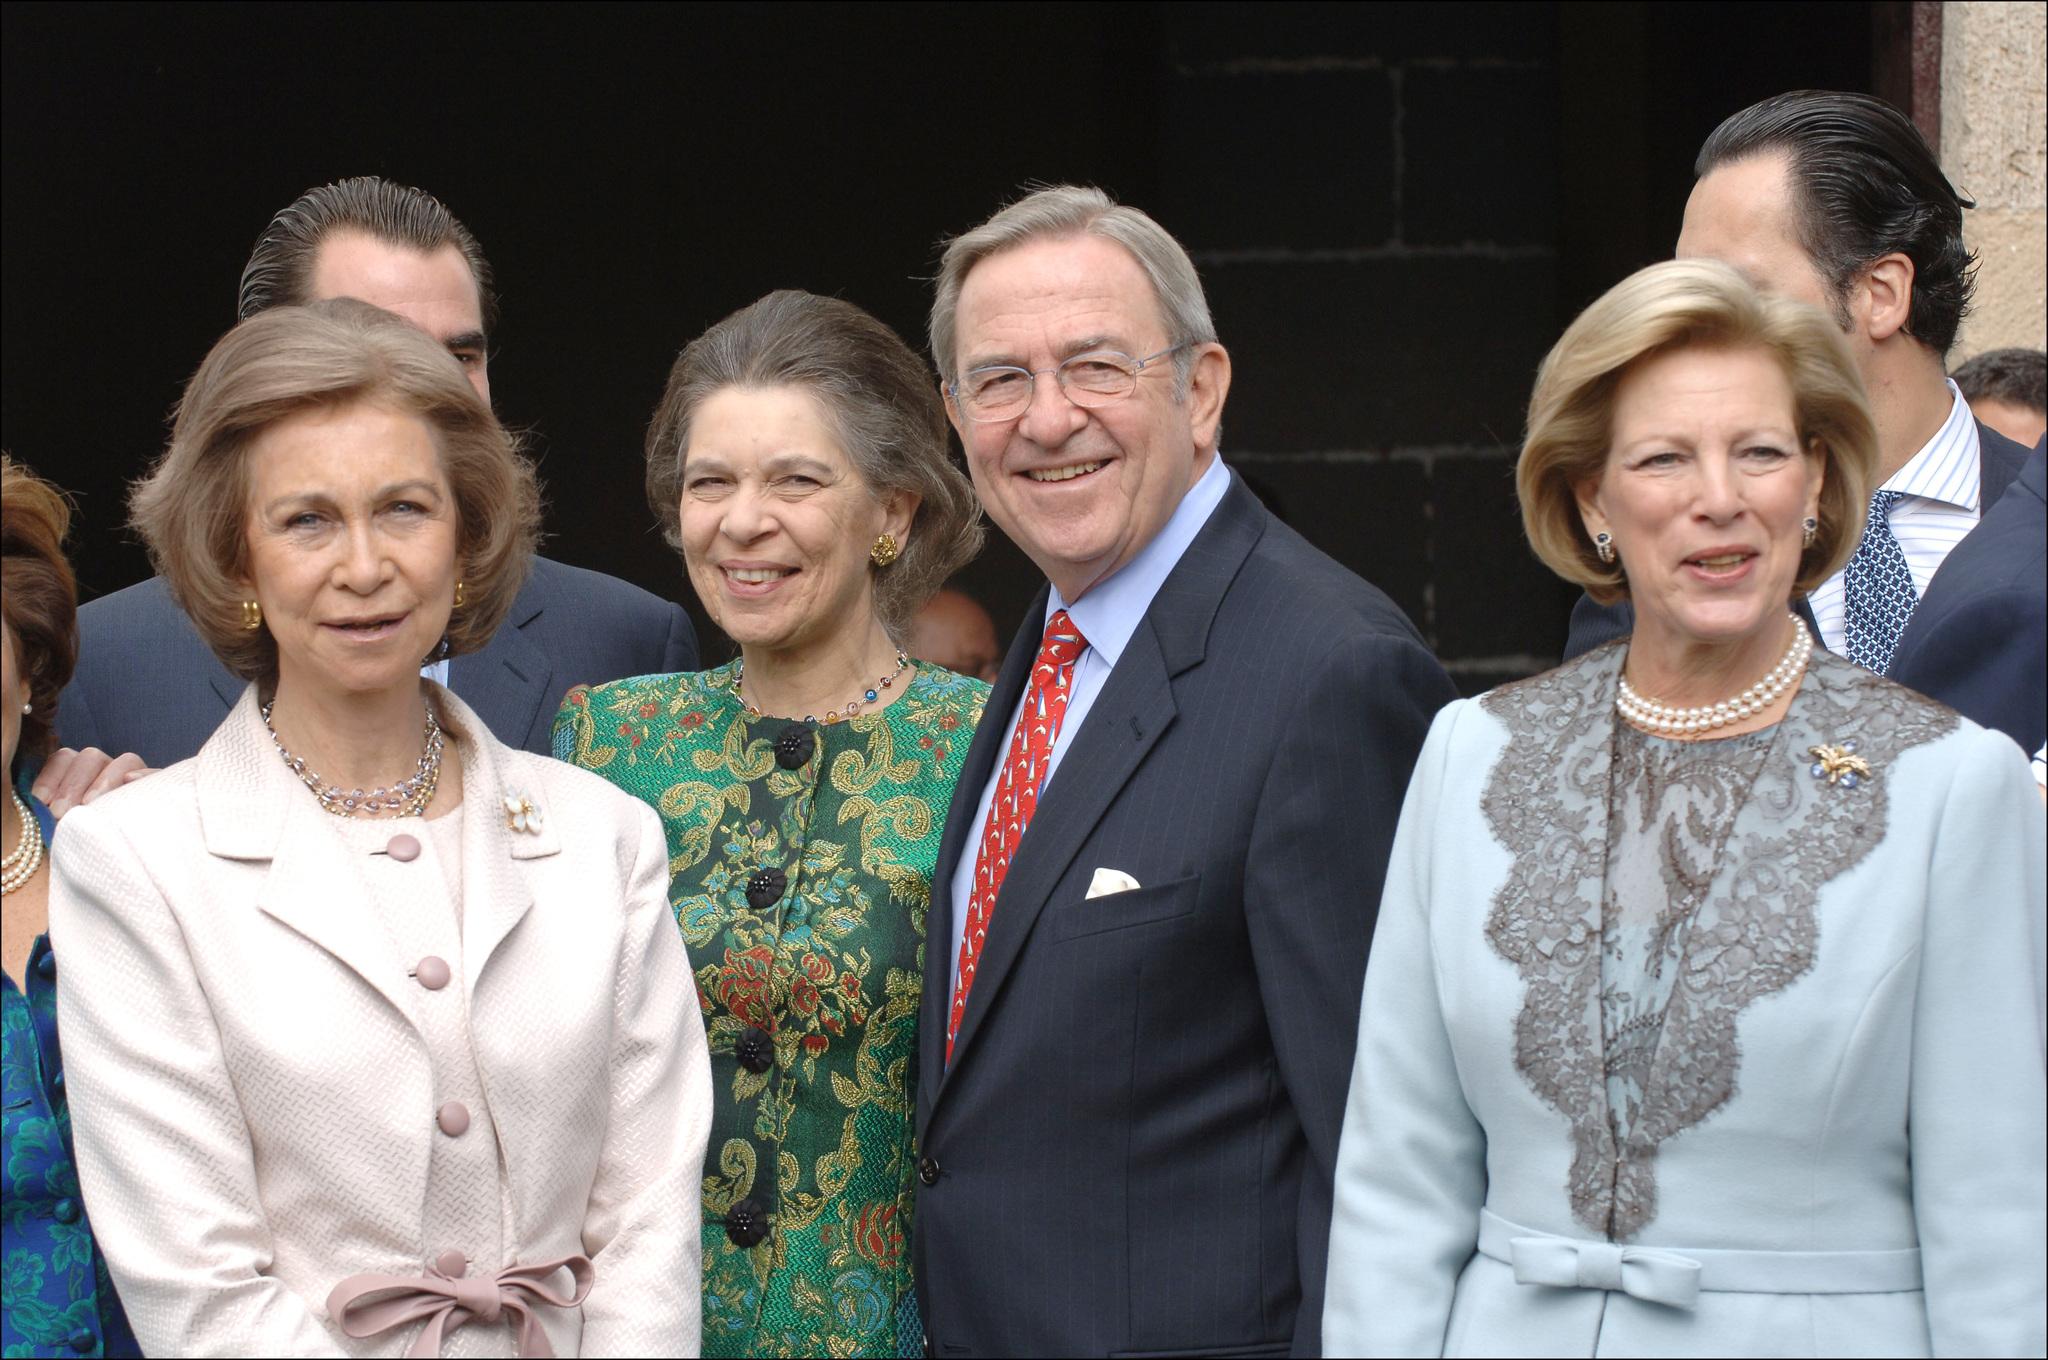 La Reina Sofía y sus hermanos, Irene y Constantino.